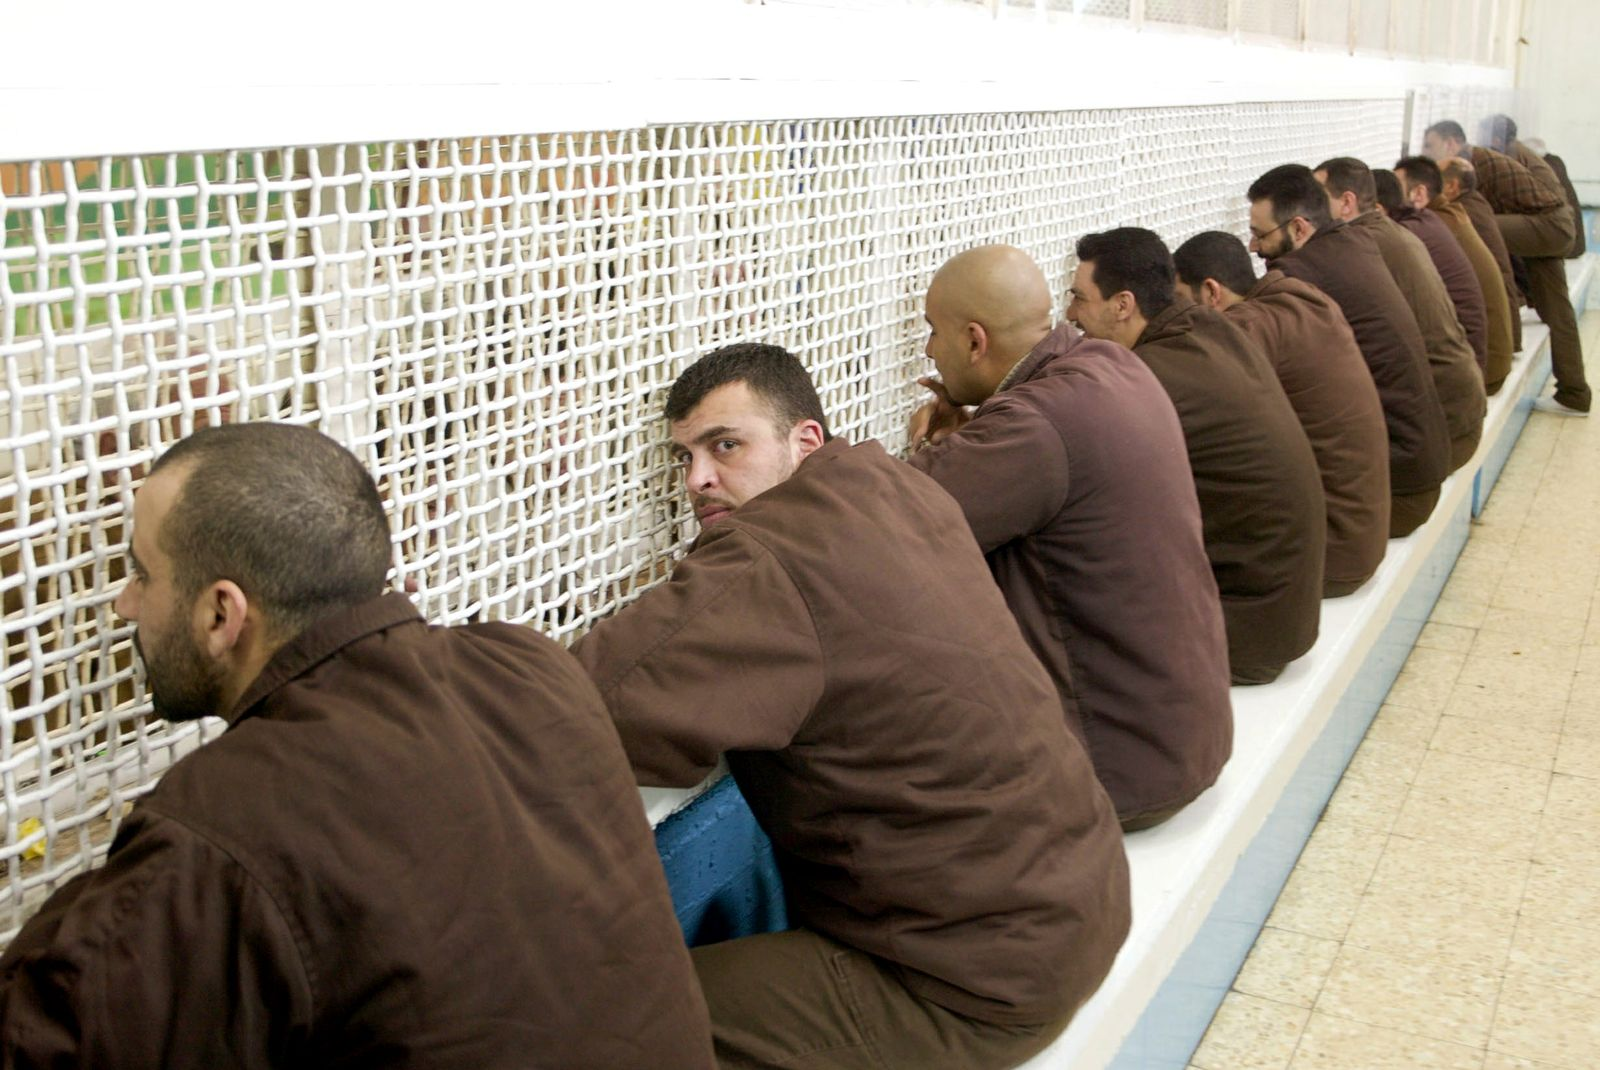 NICHT MEHR VERWENDEN! - Ramla / Israel / Ayalon Gefängnis